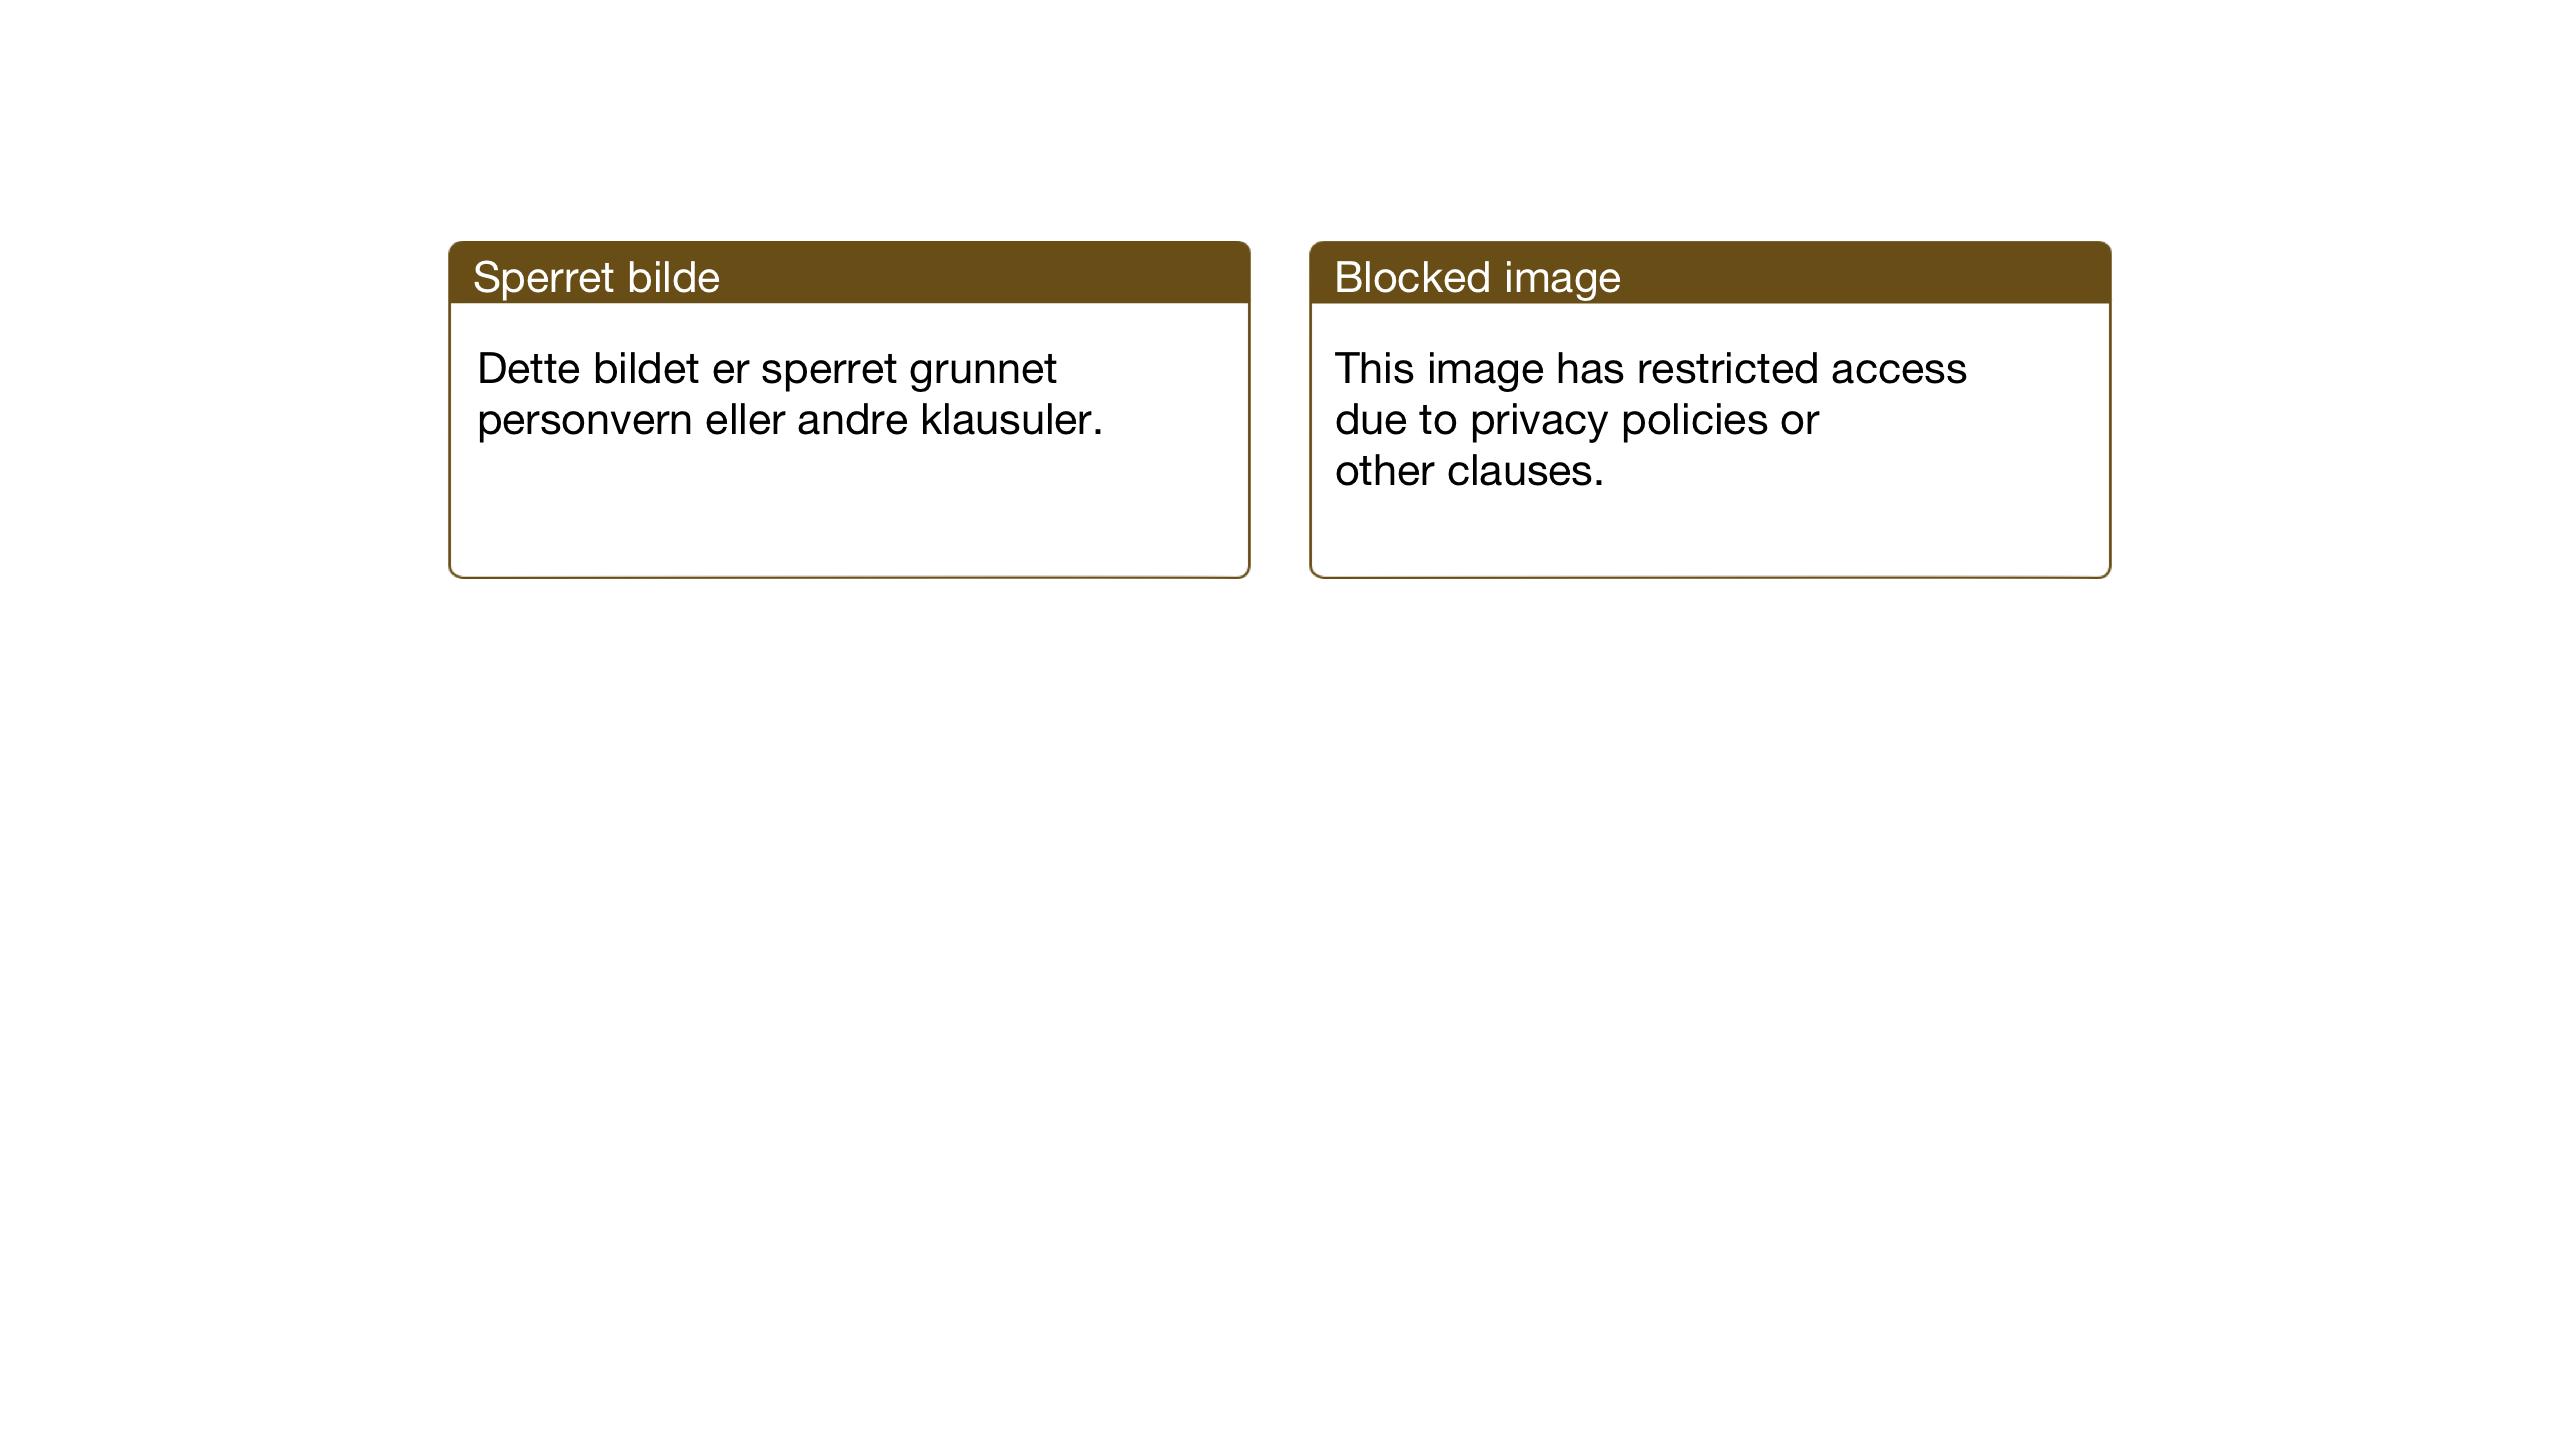 SAT, Ministerialprotokoller, klokkerbøker og fødselsregistre - Sør-Trøndelag, 604/L0210: Ministerialbok nr. 604A30, 1932-1946, s. 94